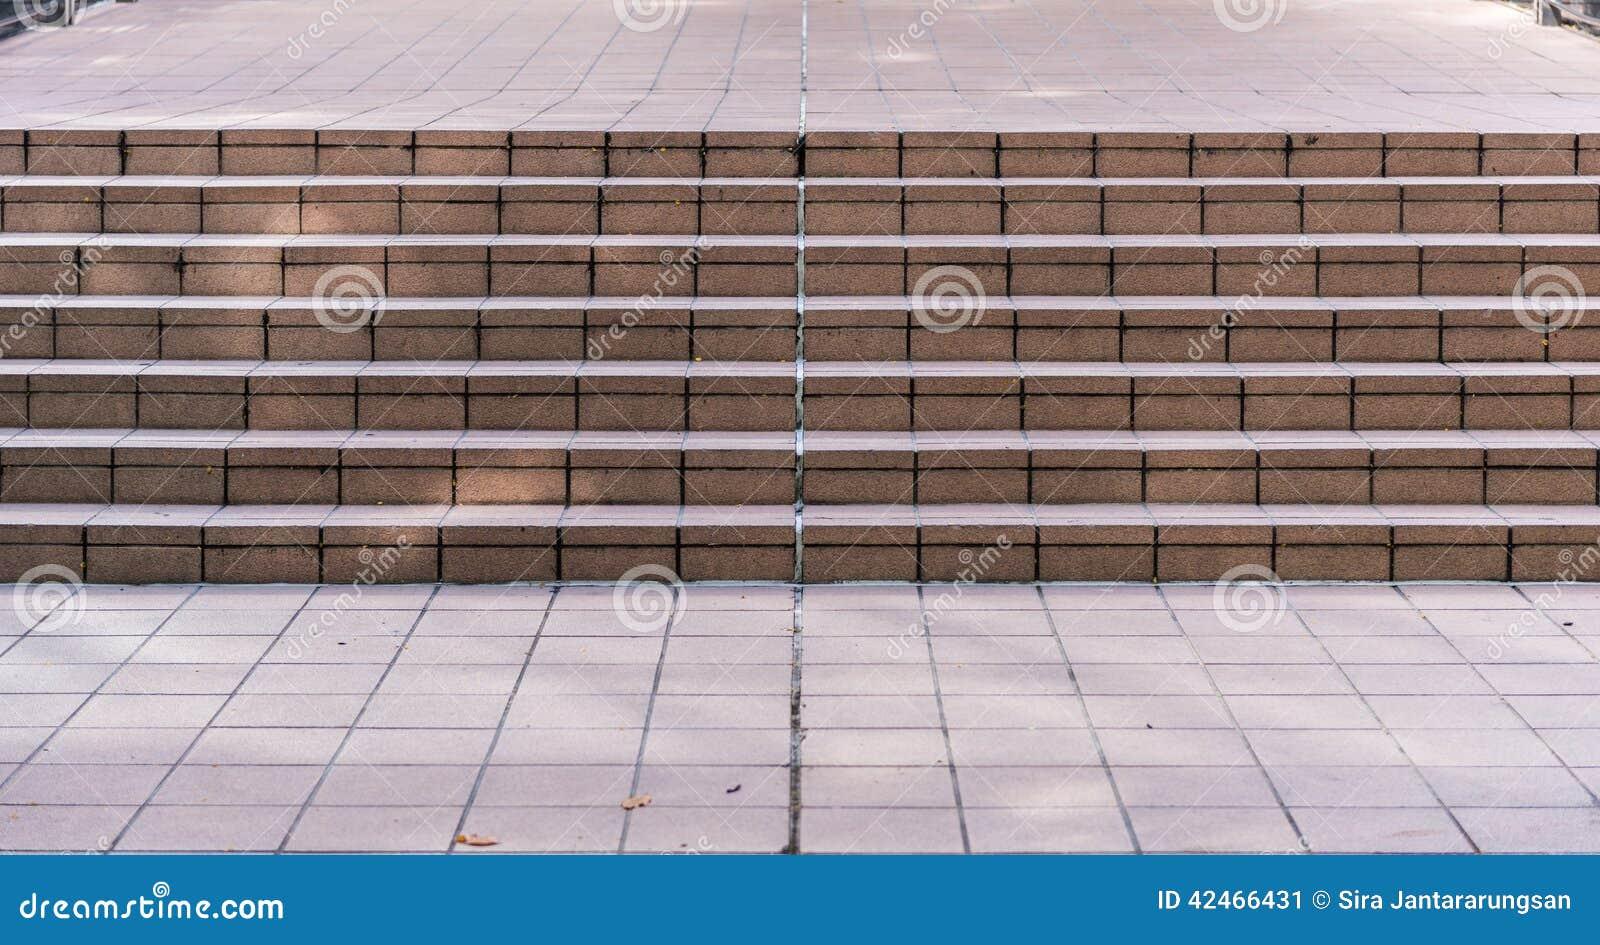 Breites Steintreppenhaus häufig gesehen auf Gebäude